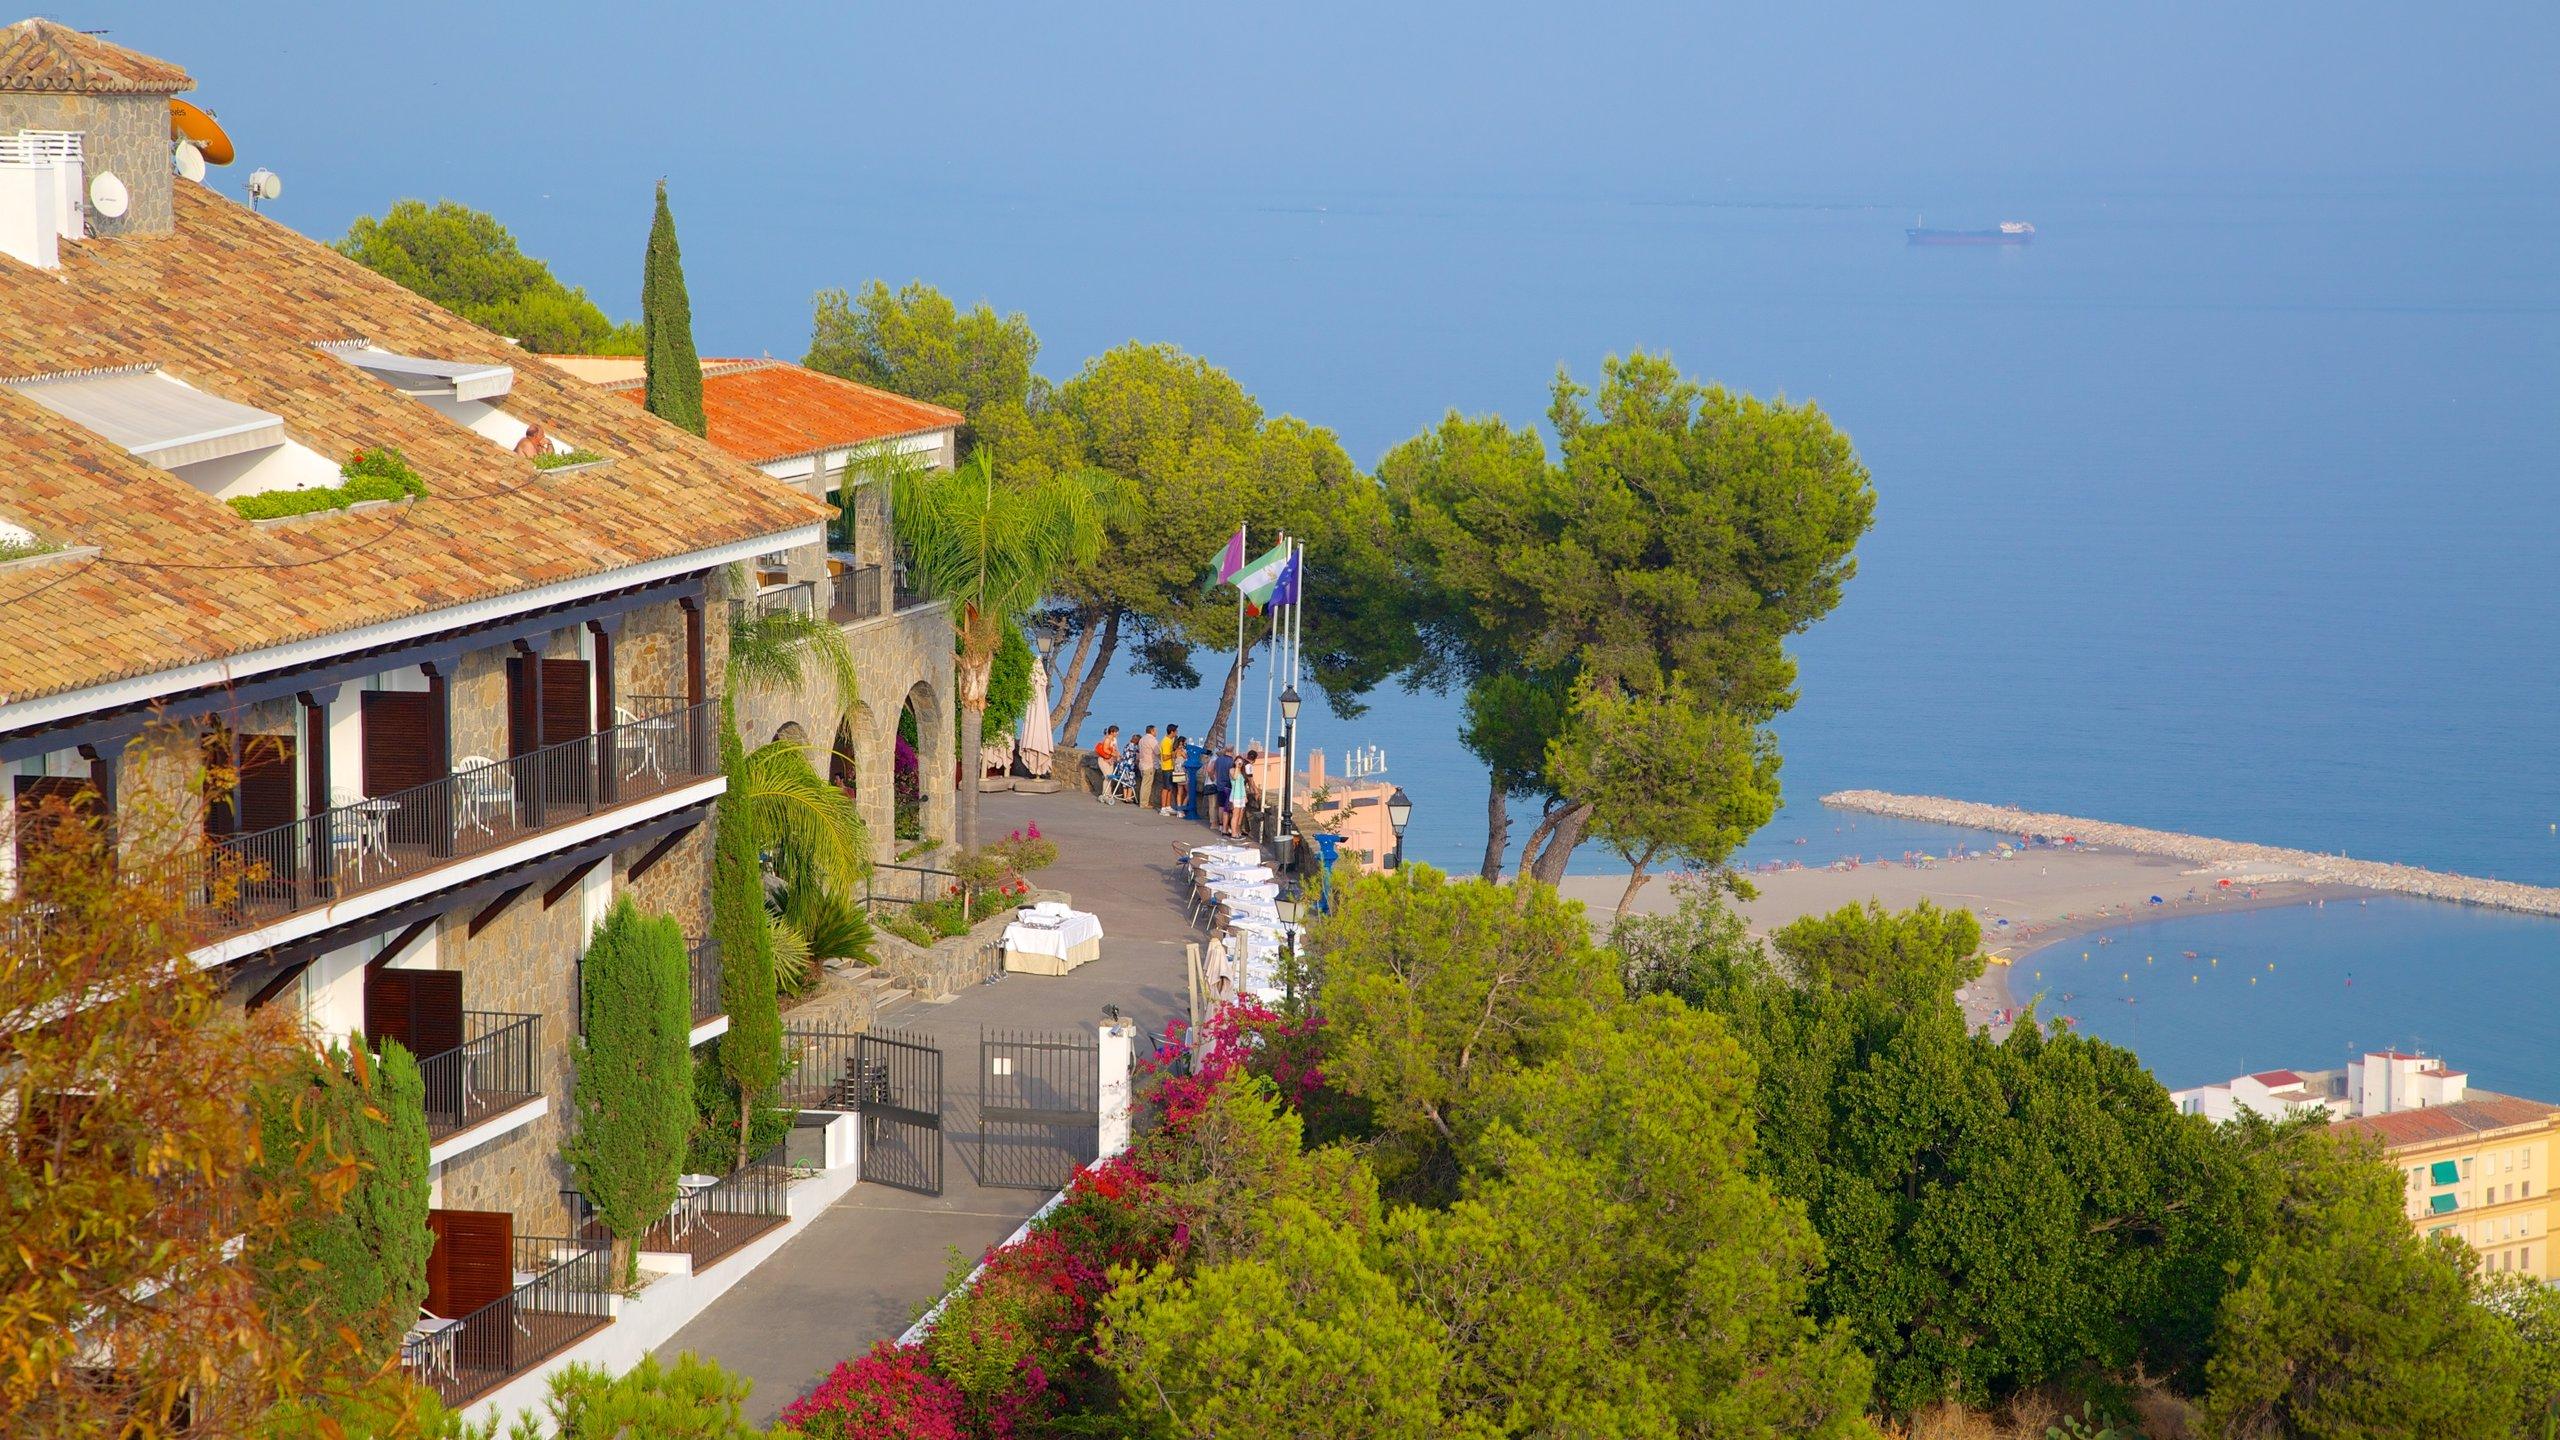 O ponto de referência mais famoso de Málaga fica no topo de uma montanha e oferece vistas panorâmicas da cidade e do Mar de Alborão, que se estende até a África.